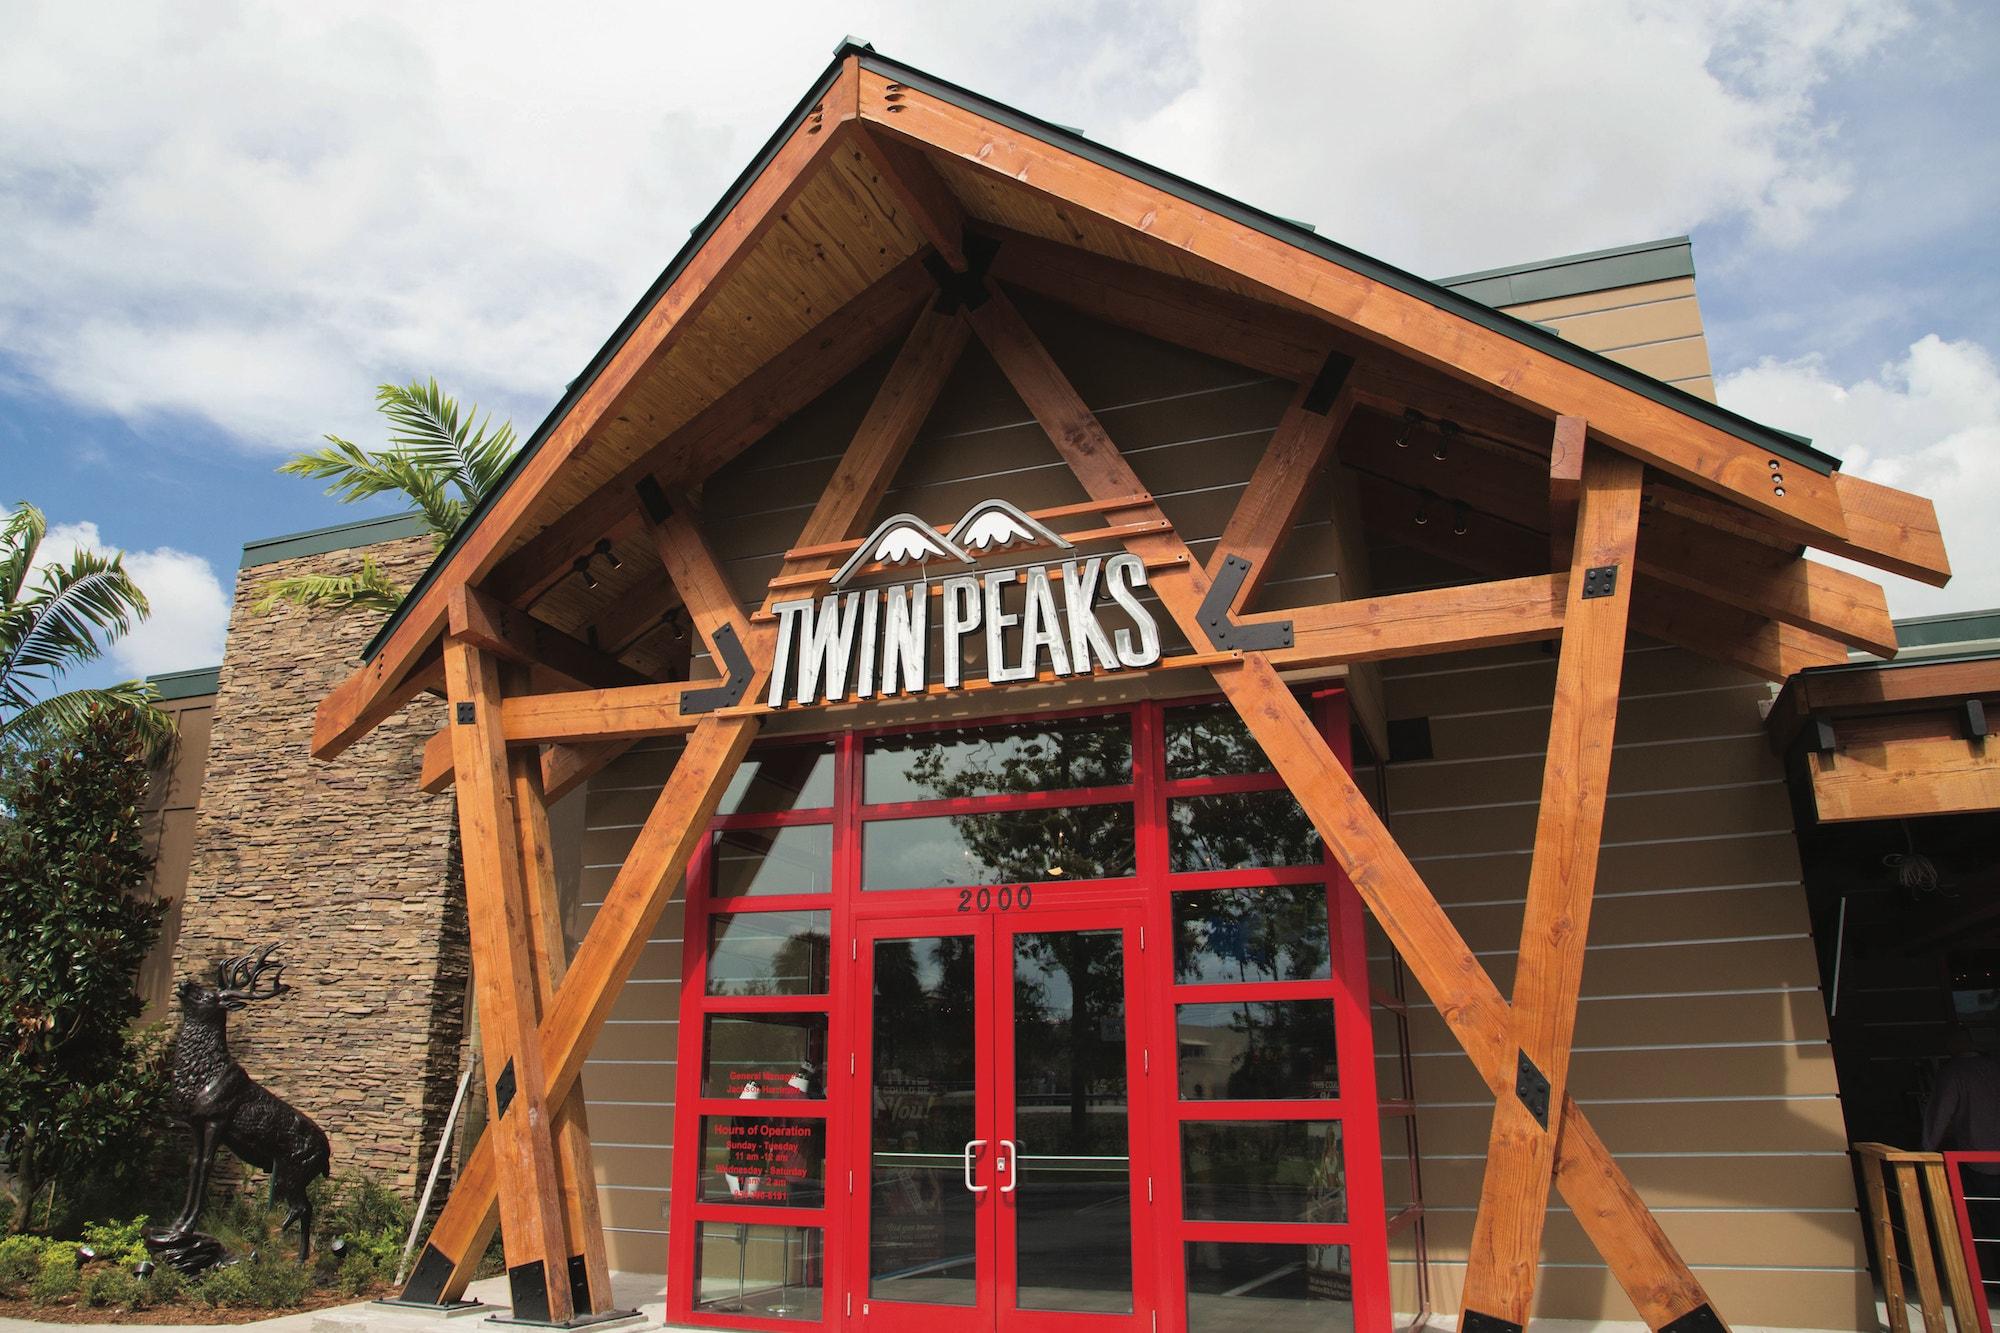 exterior of restaurant franchise